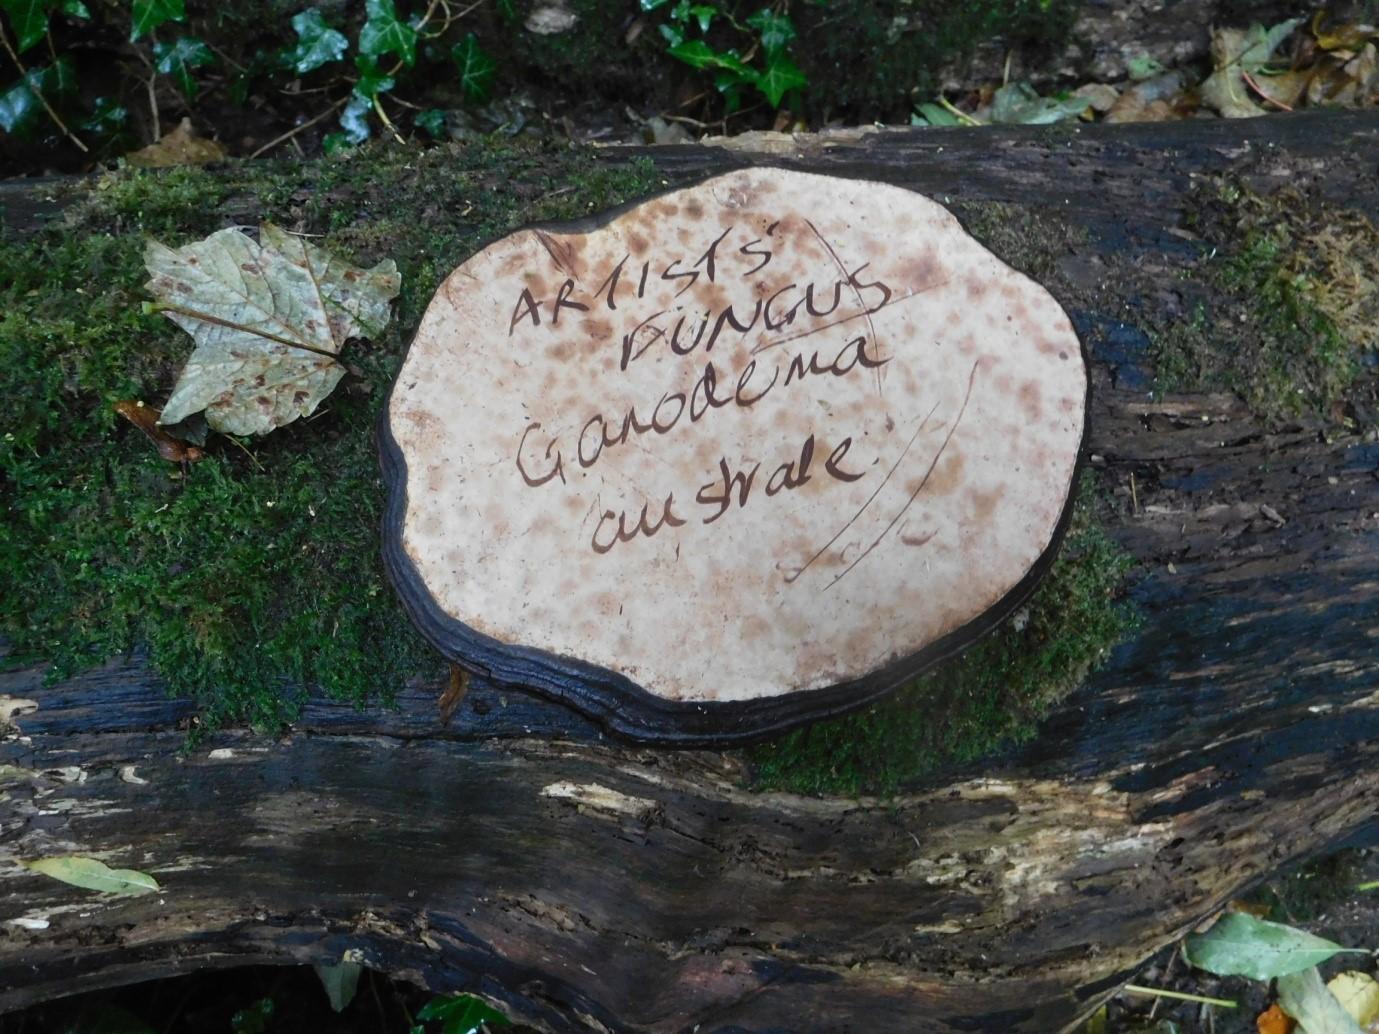 Ganodema applanatum, Artists Fungus